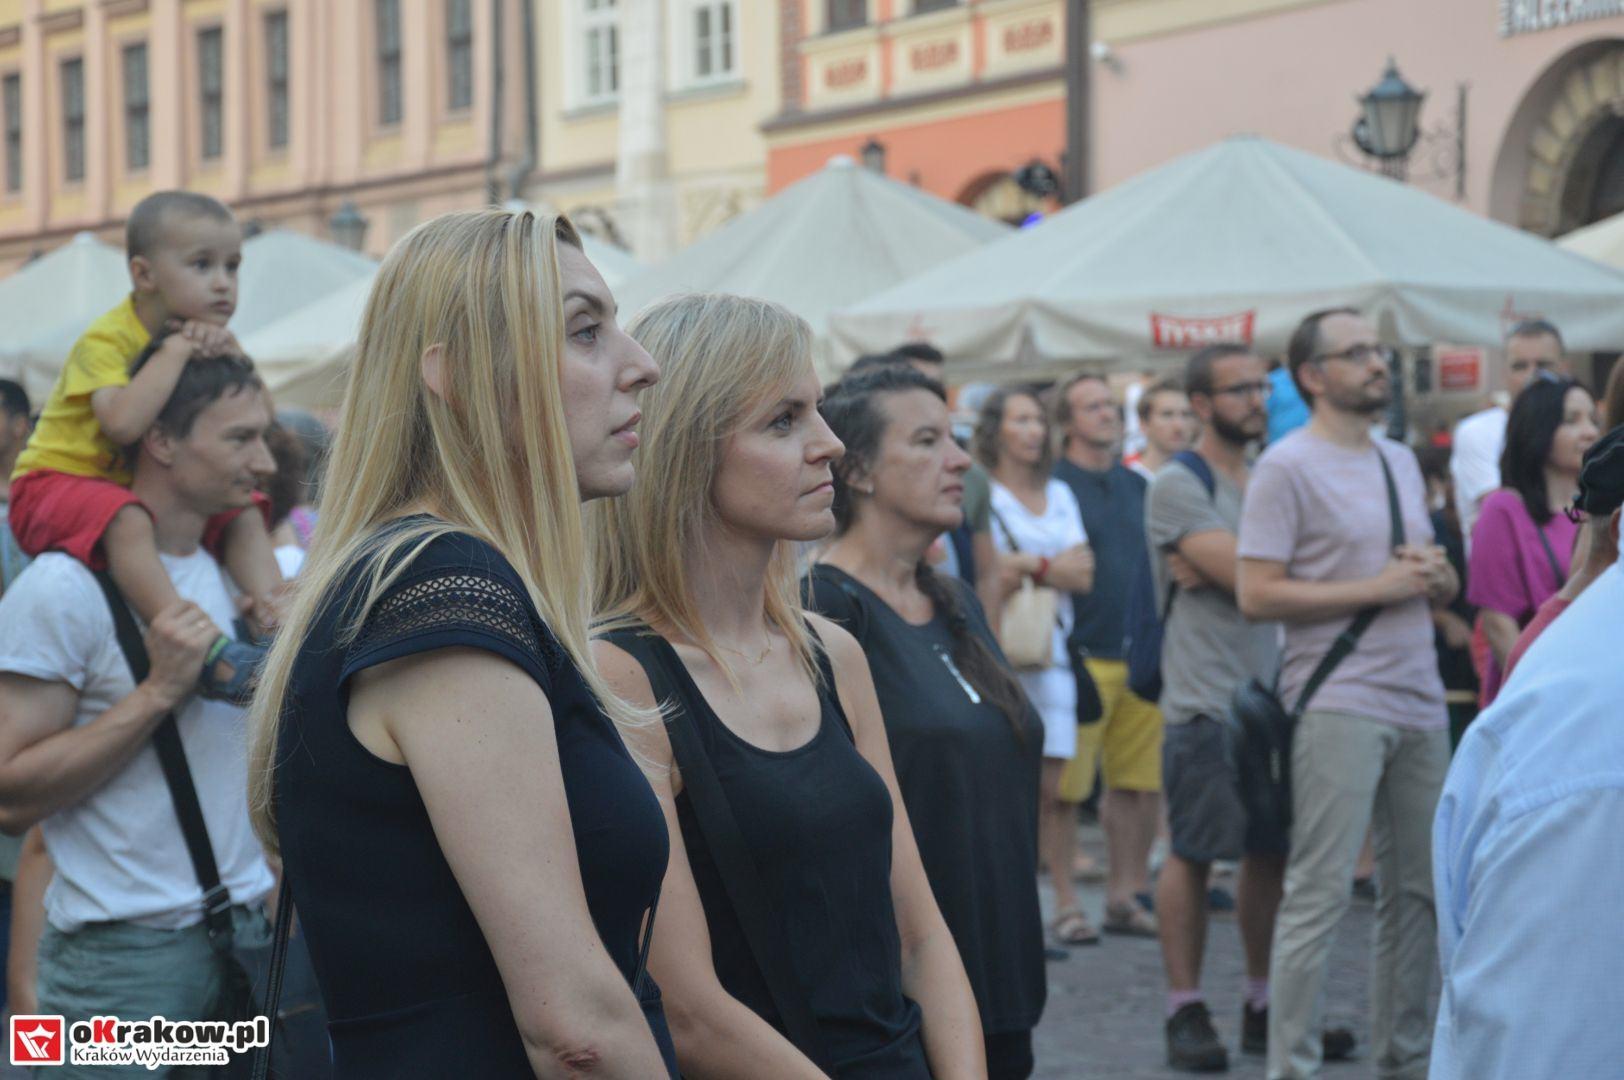 krakow festiwal pierogow maly rynek koncert cheap tobacco 155 150x150 - Galeria zdjęć Festiwal Pierogów Kraków 2018 + zdjęcia z koncertu Cheap Tobacco